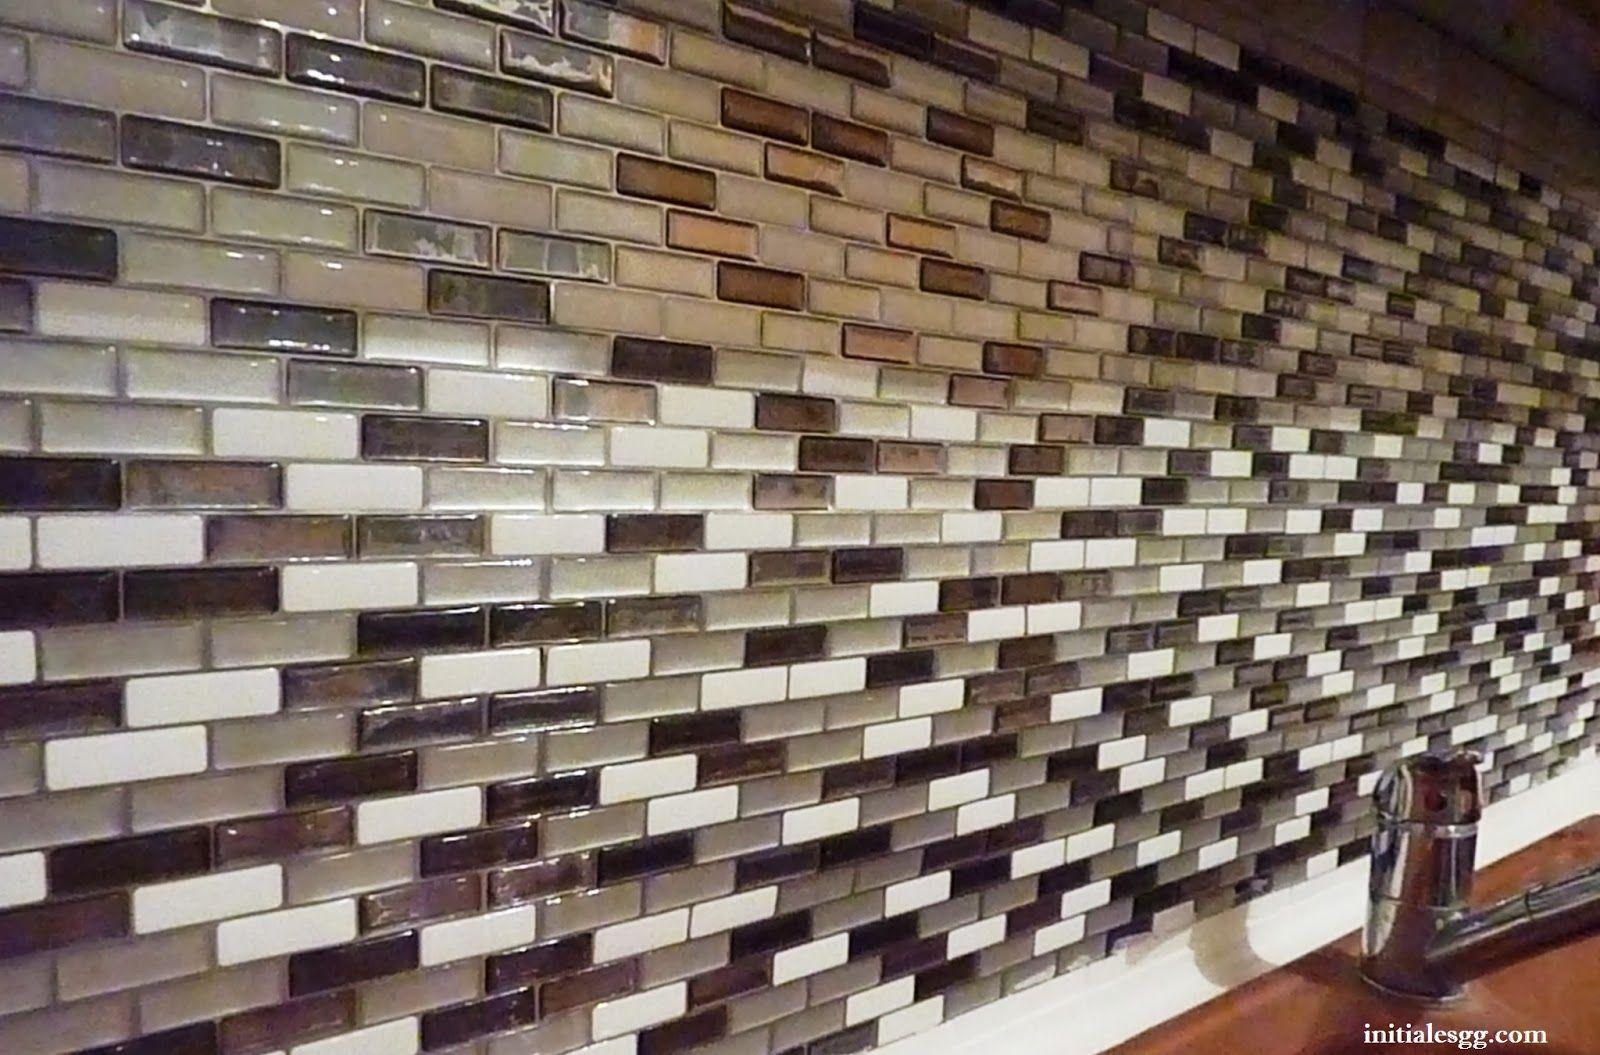 test le carrelage adh sif par smart tiles diy pinterest smart tiles carrelage adhesif. Black Bedroom Furniture Sets. Home Design Ideas